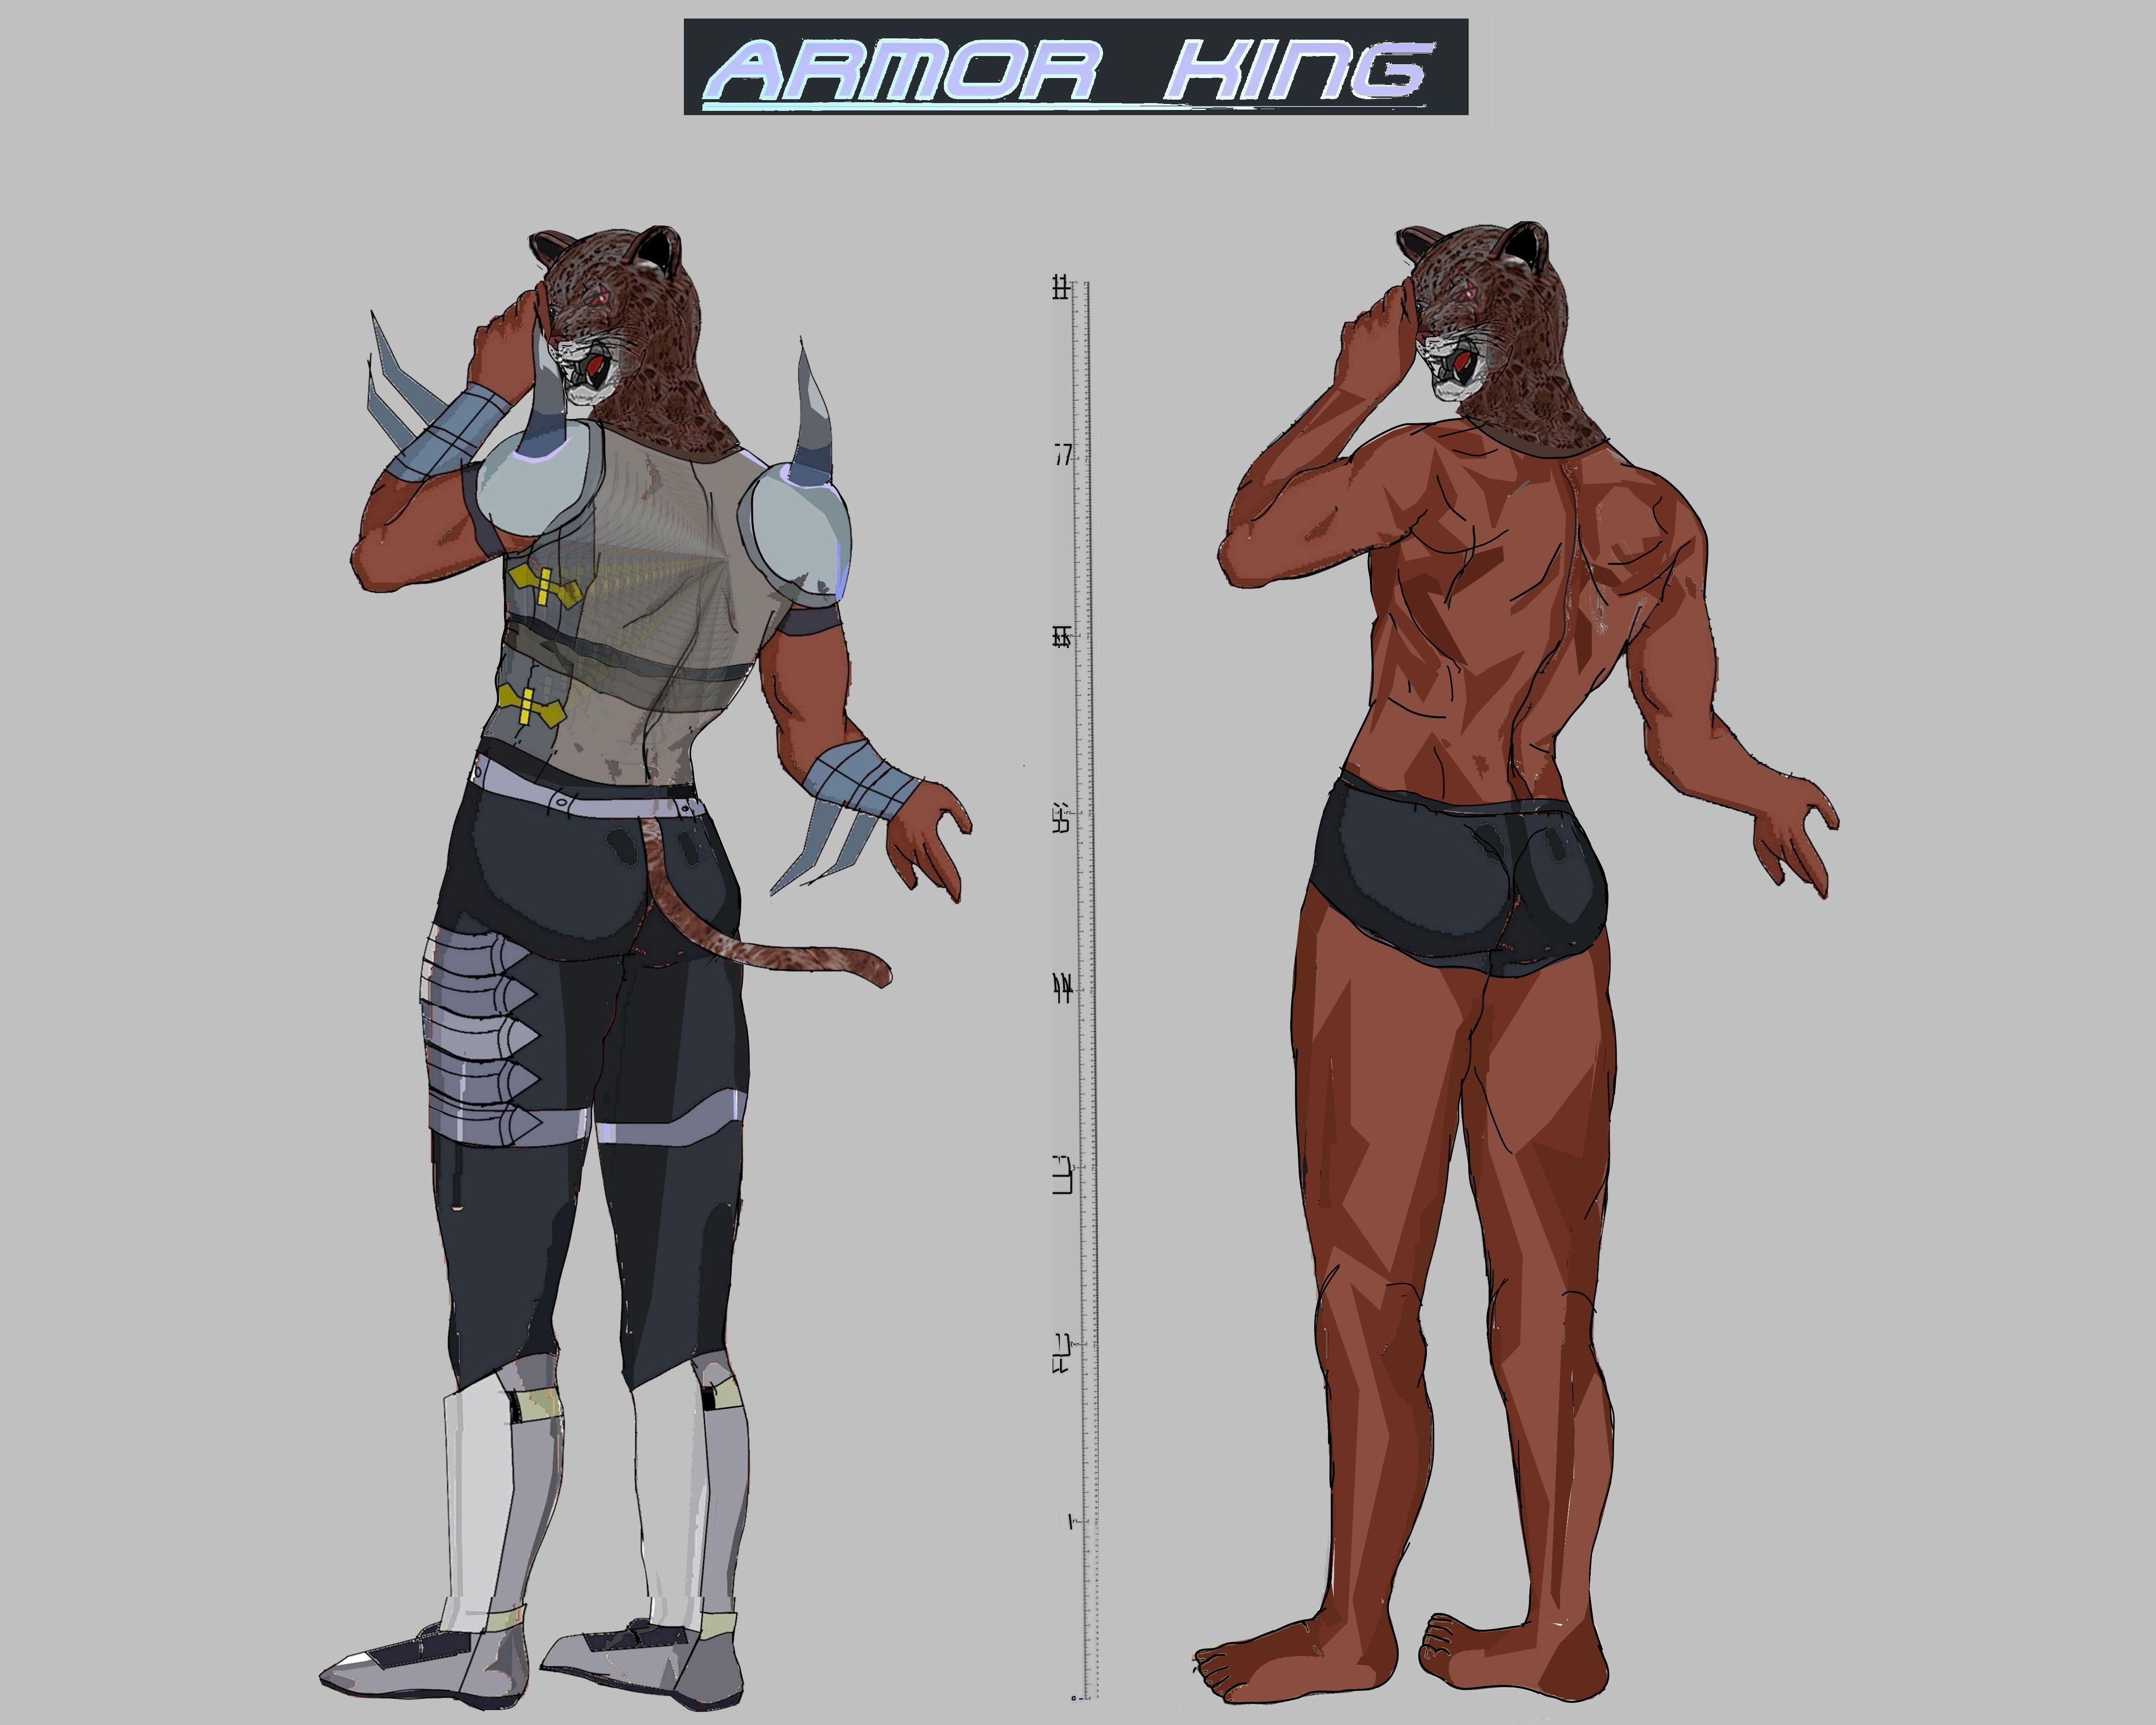 Tekken 7 - Armor King by LA-Laker on DeviantArt